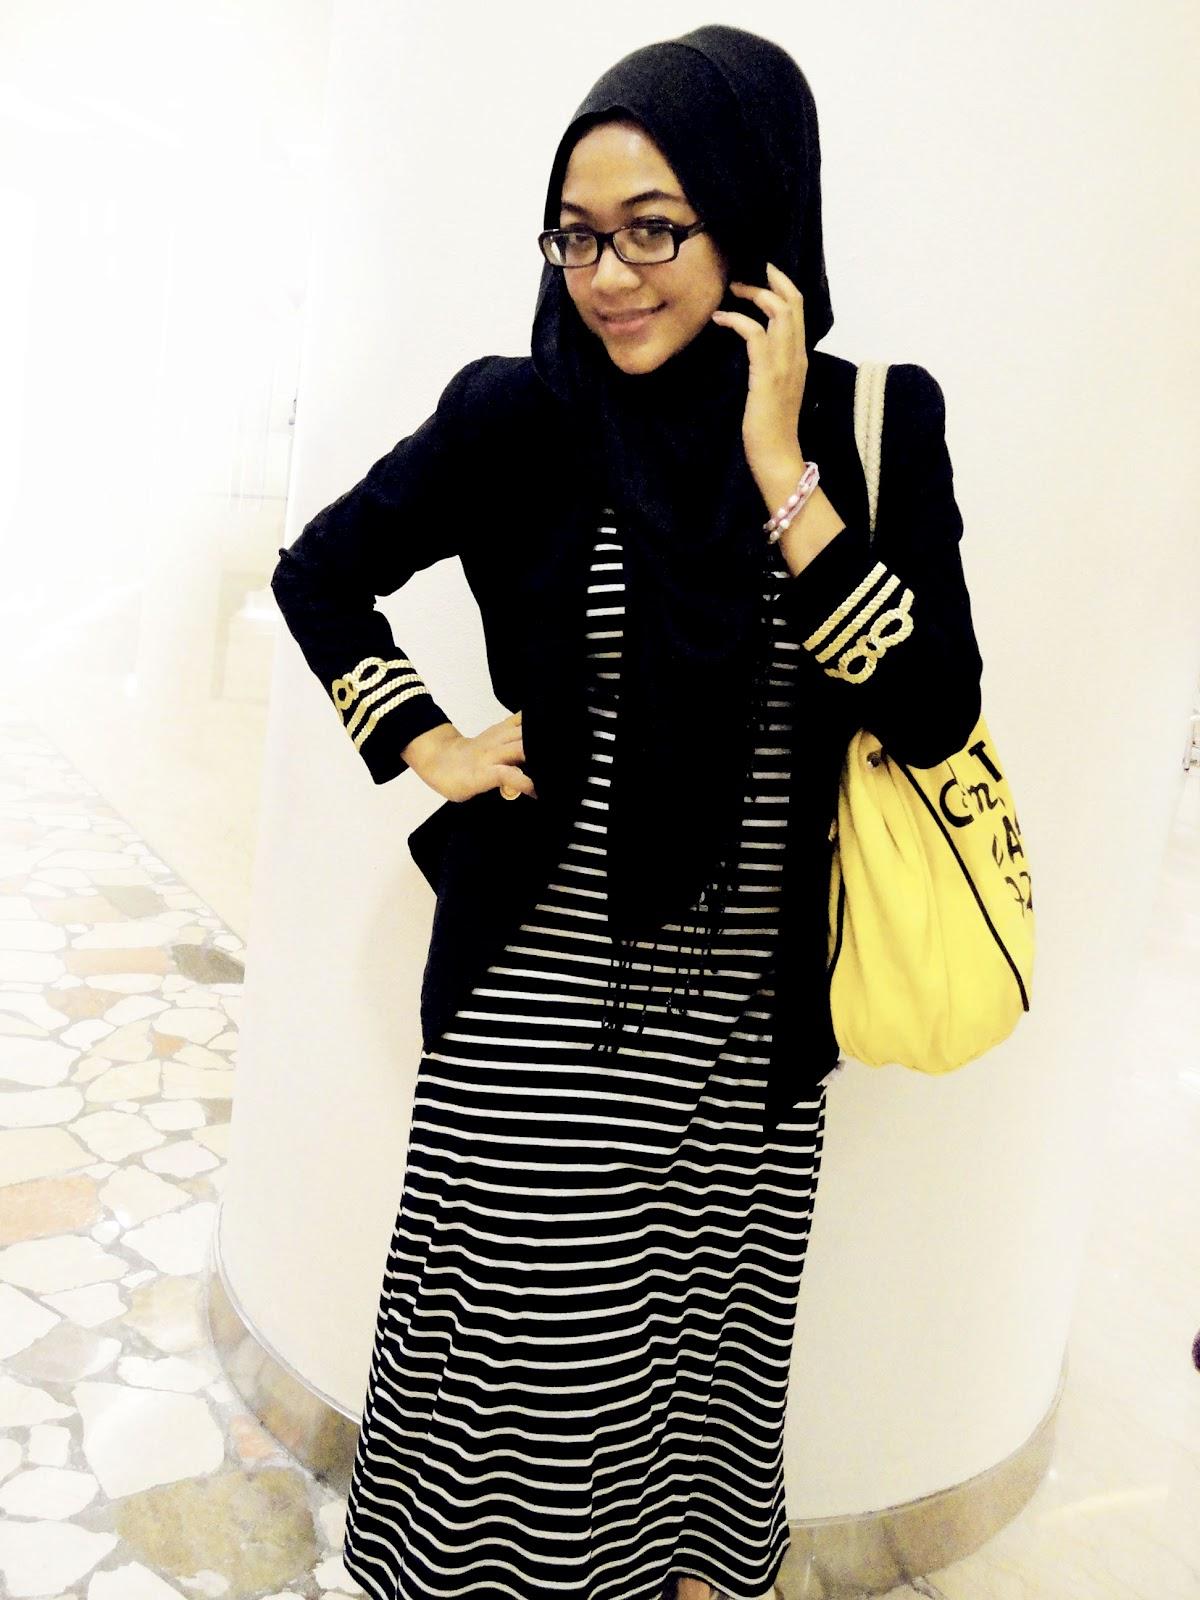 Tanpa perlu repot, tambahkan aksesori statement necklace atau earrings. Model Baju Muslim Casual Stripped | Tutorial Hijab